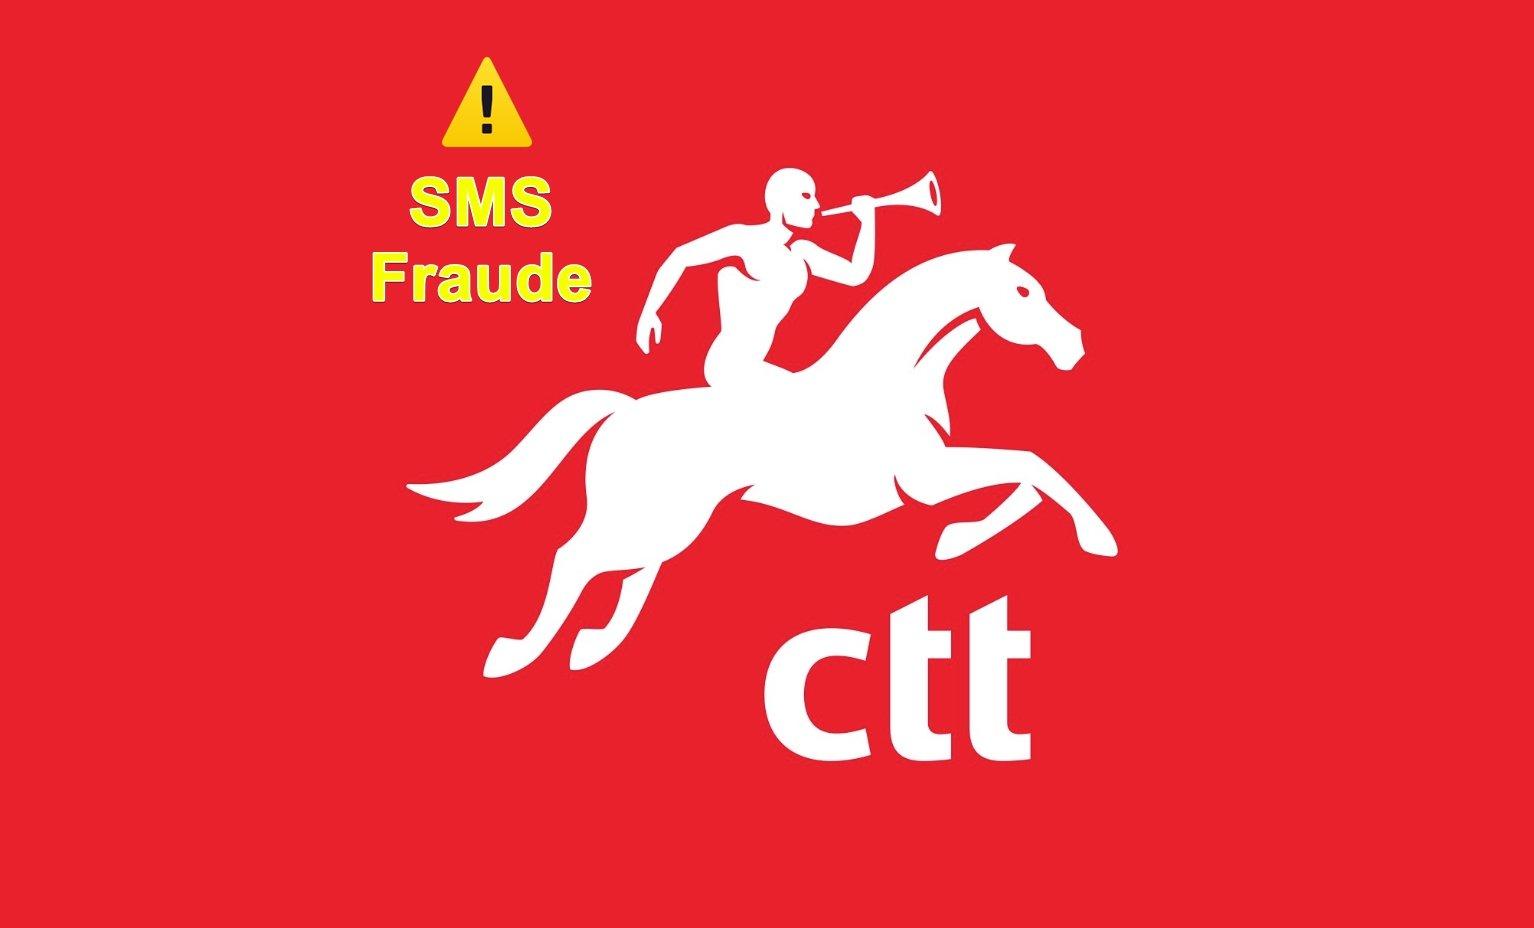 SMS fraude CTT